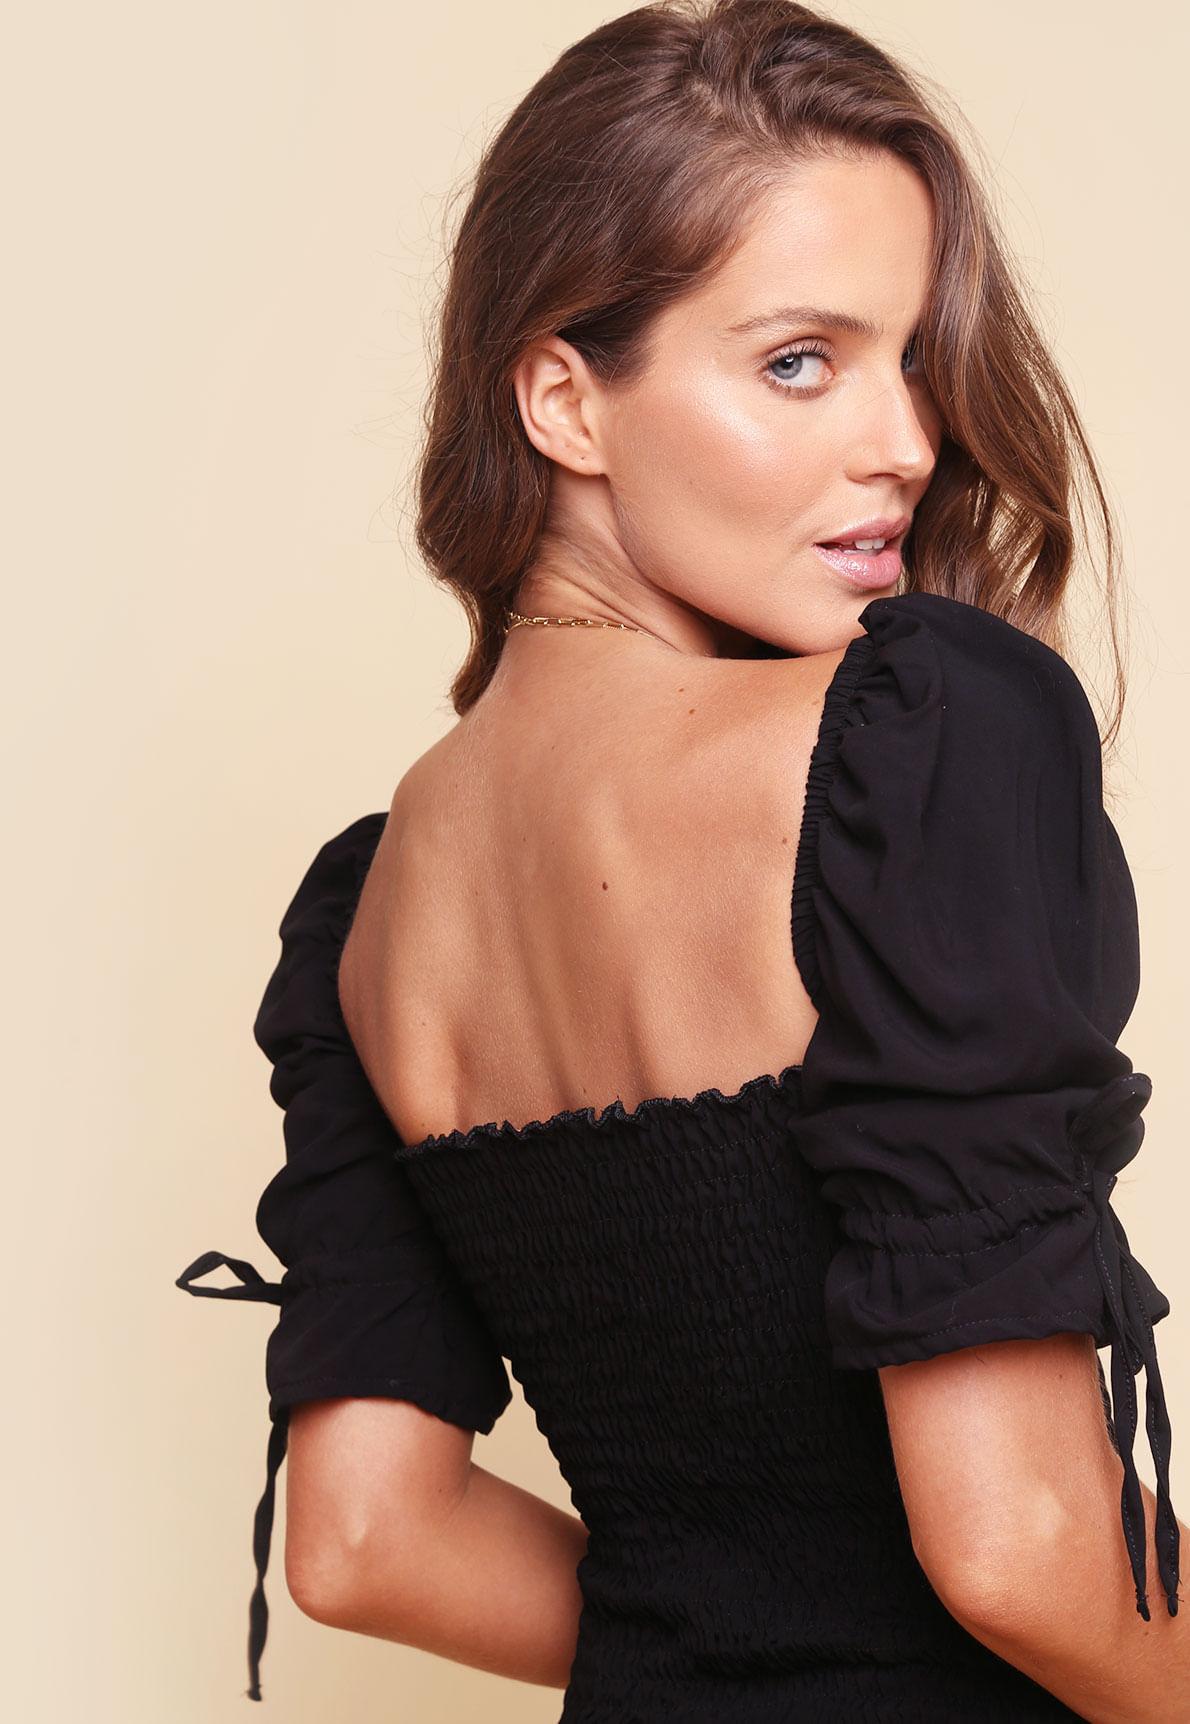 31401-vestido-preto-lastex-oh-my-darling-02